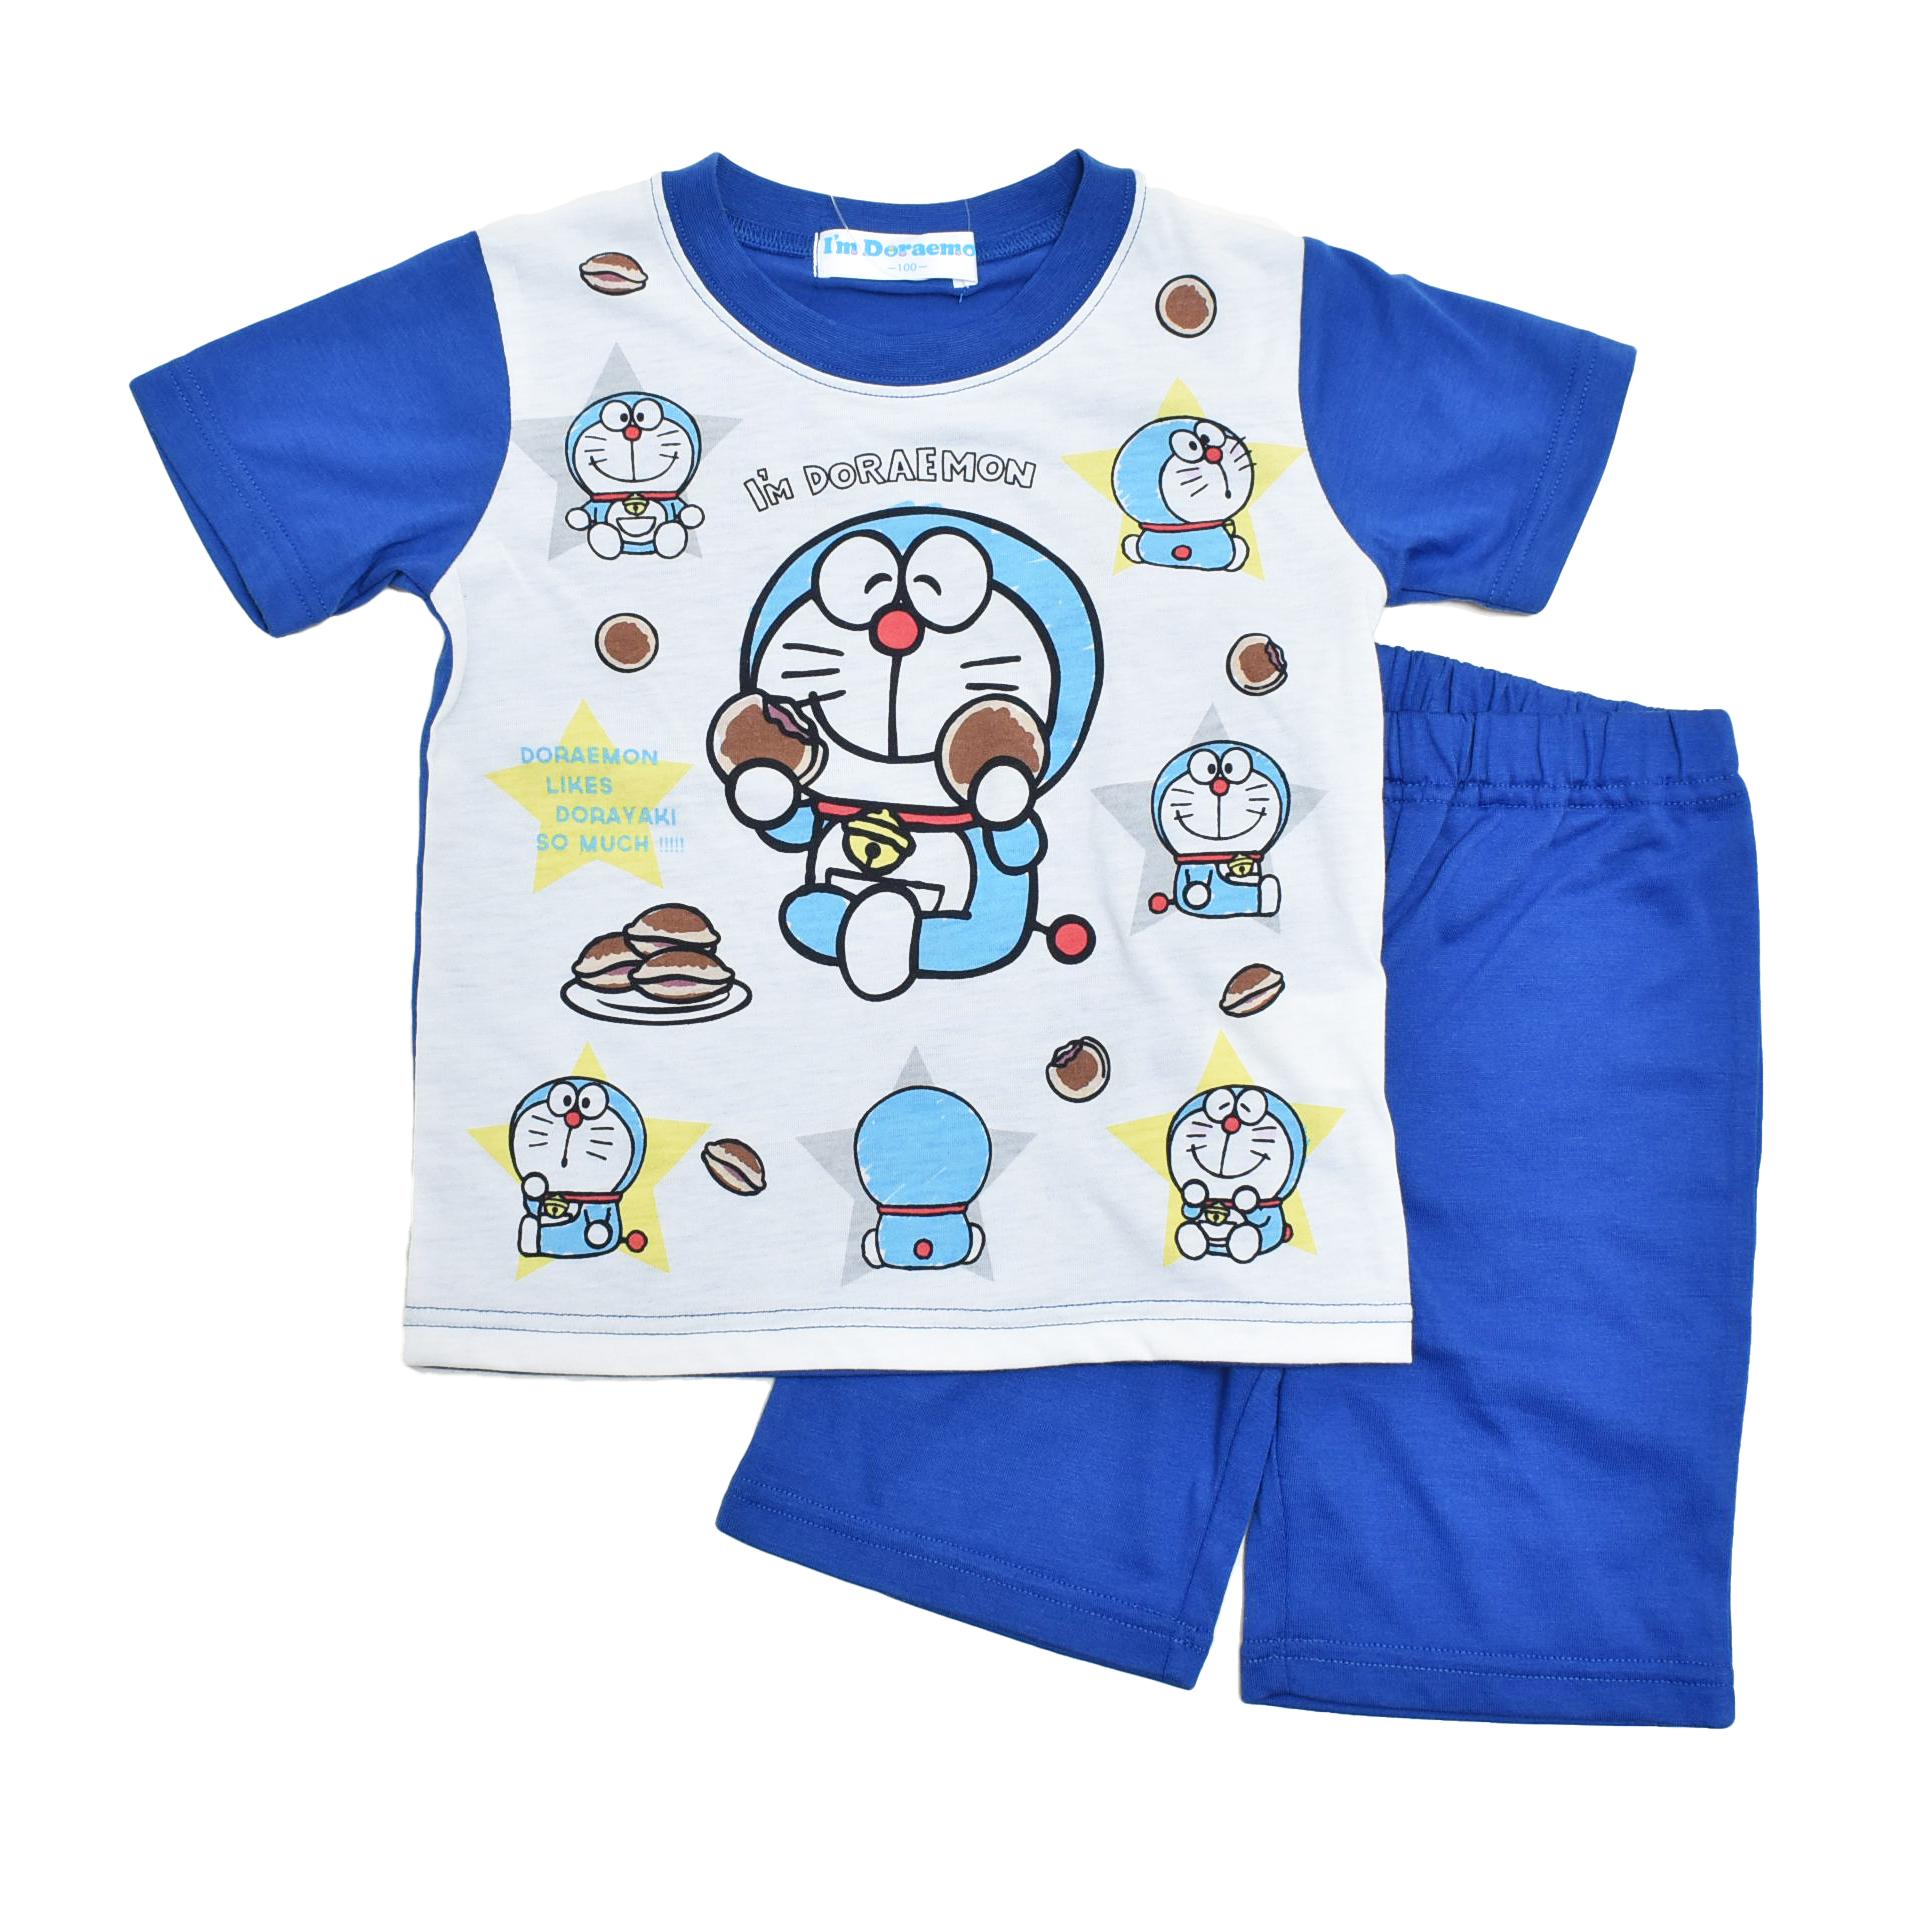 アイム ドラえもん 半袖Tシャツ生地のパジャマ 100cm-130cm  (132DR0071B)